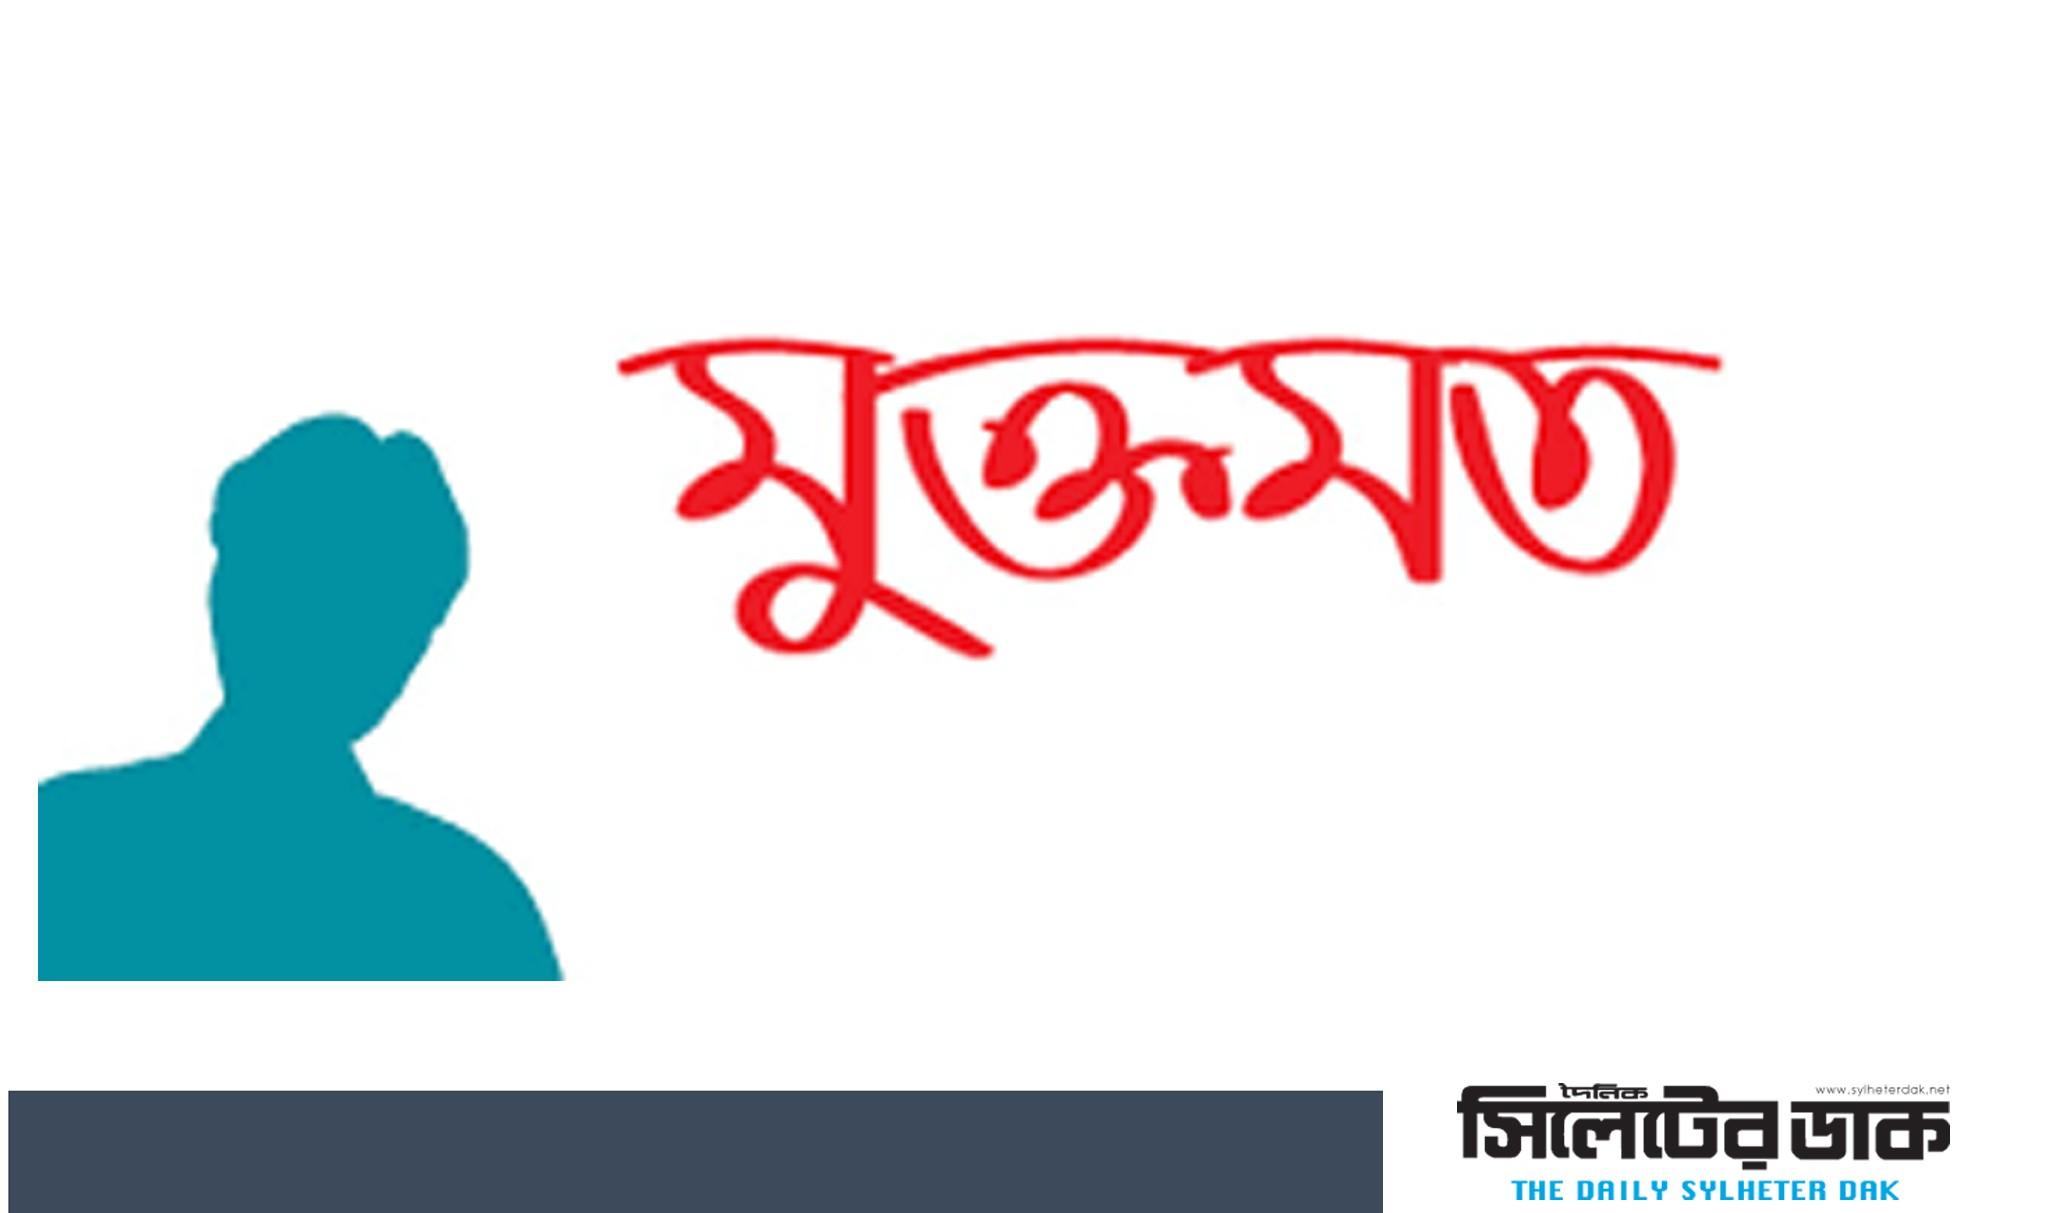 প্রসঙ্গ : শ্রমের মর্যাদা